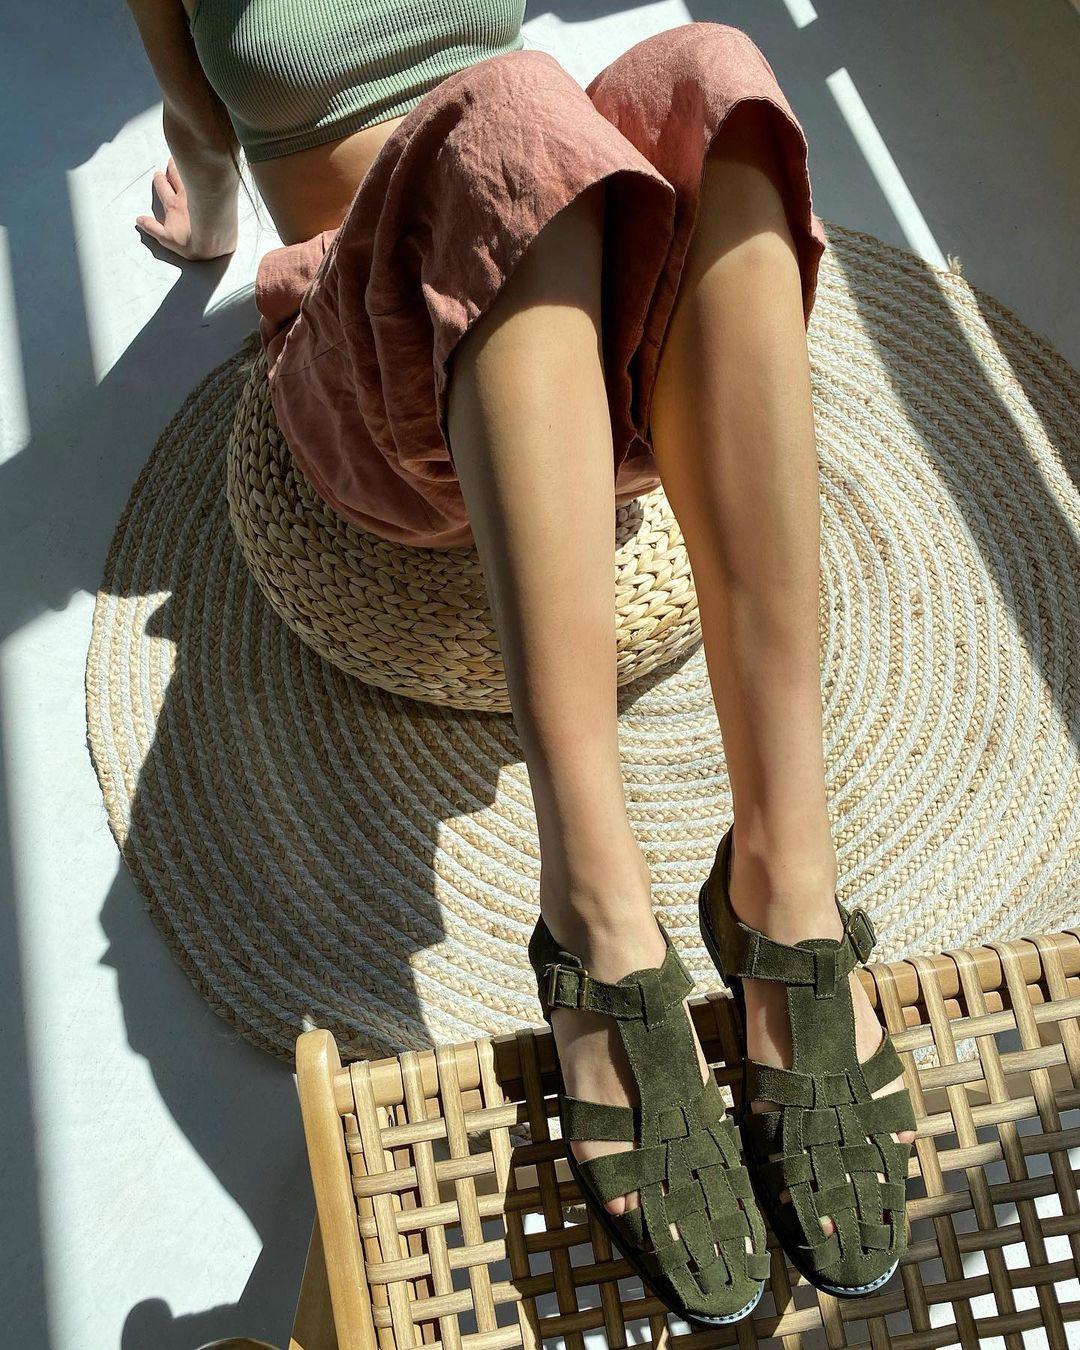 модная обувь лето 2021 на низком ходу плоская подошва без каблука женская босоножки сандалии рыбацкие рыбака дедушкины замша зеленые